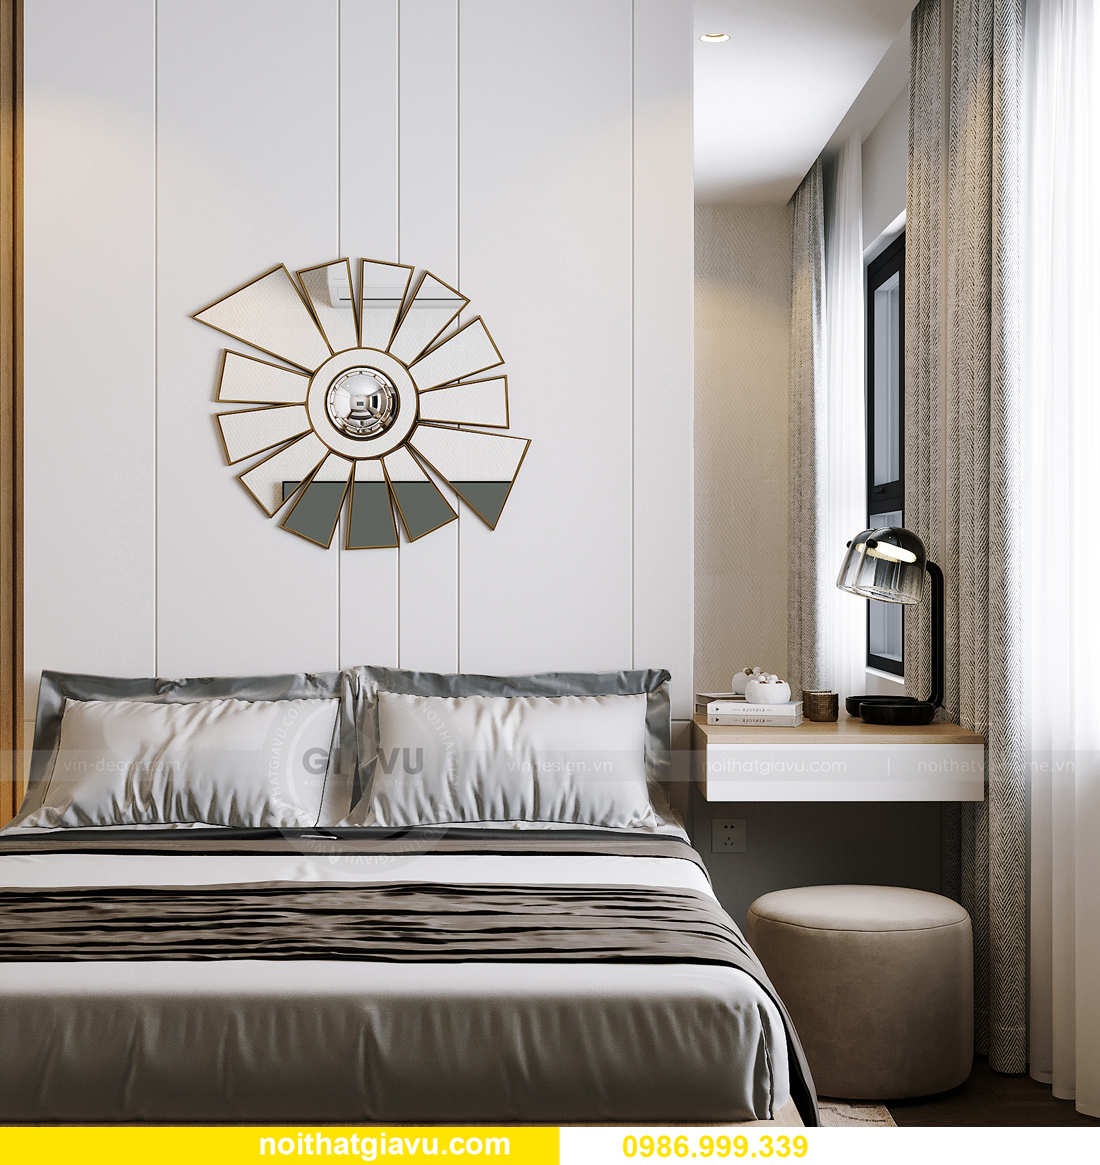 hoàn thiện nội thất căn hộ Smart City tòa S201 căn 2903 anh Hòa 10